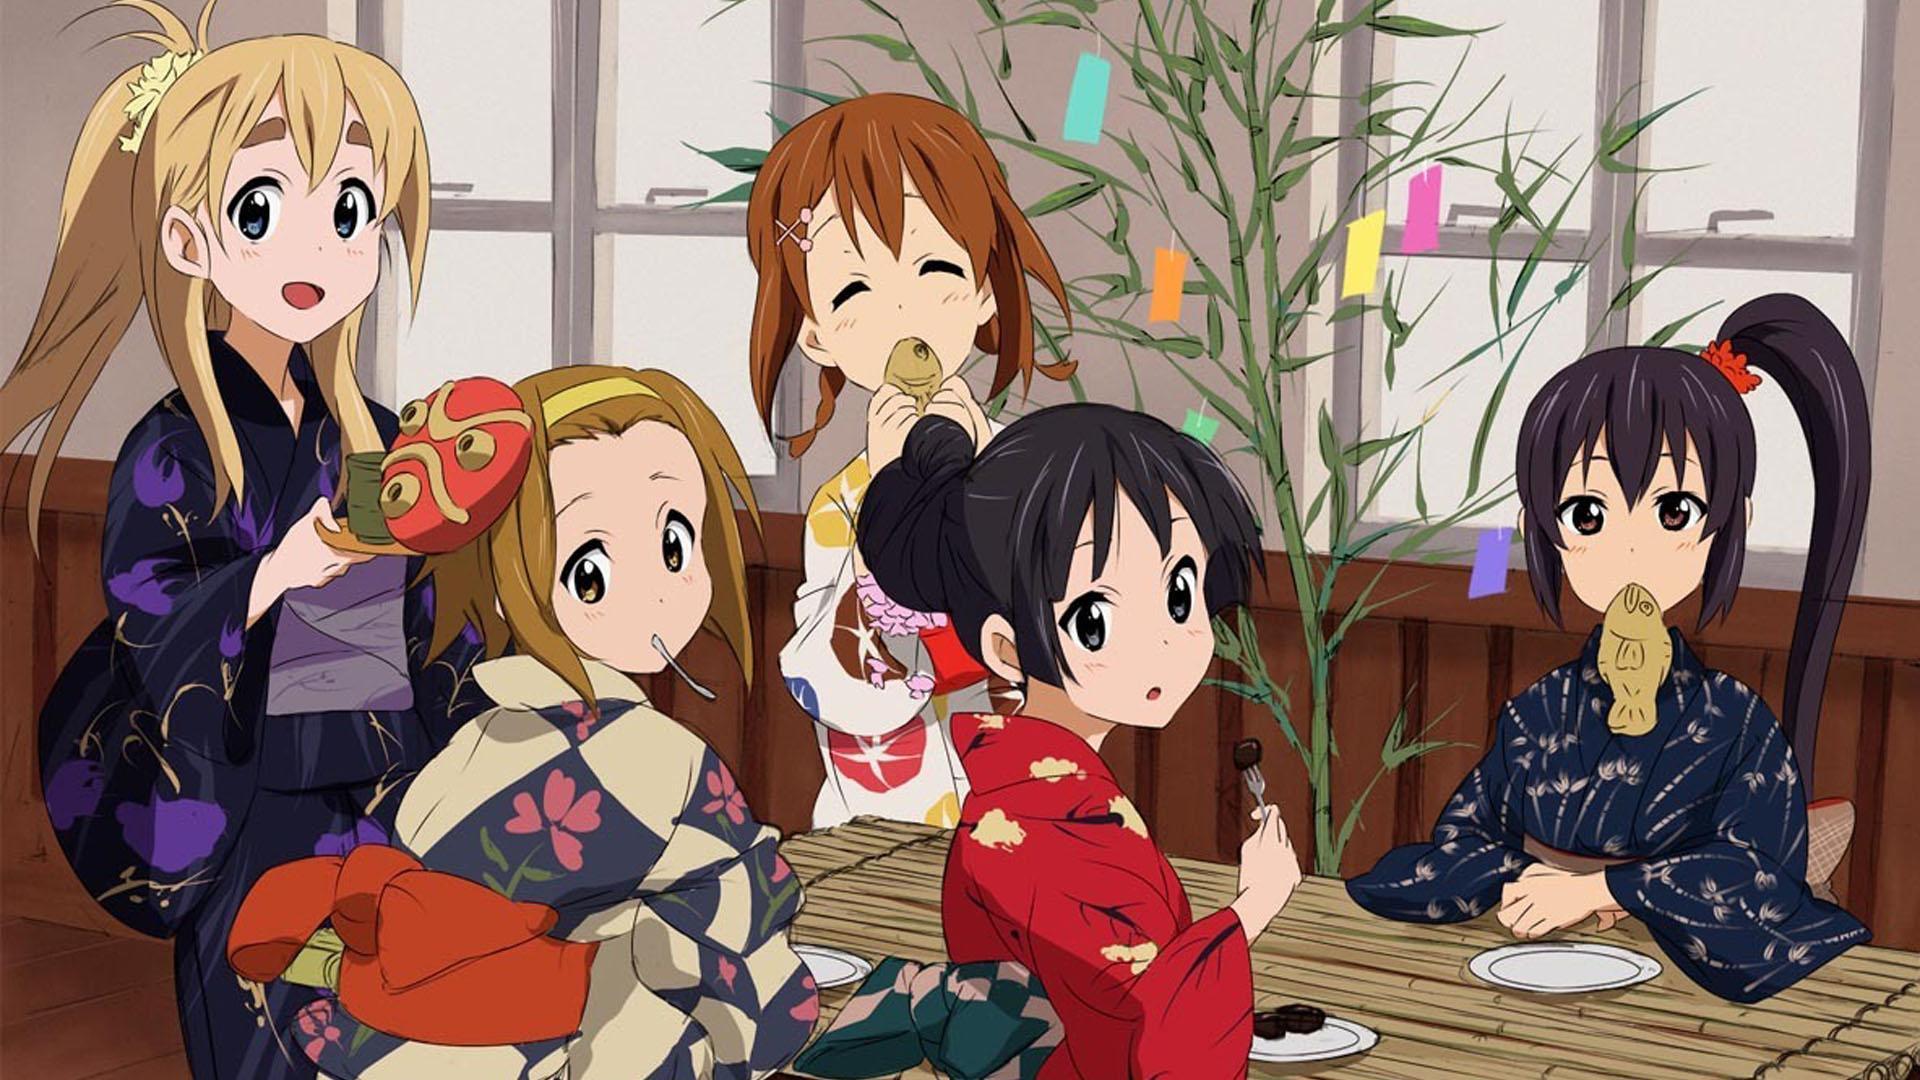 download 1920x1080 anime k  u6620 u753b u3011 u3051 u3044 u304a u3093